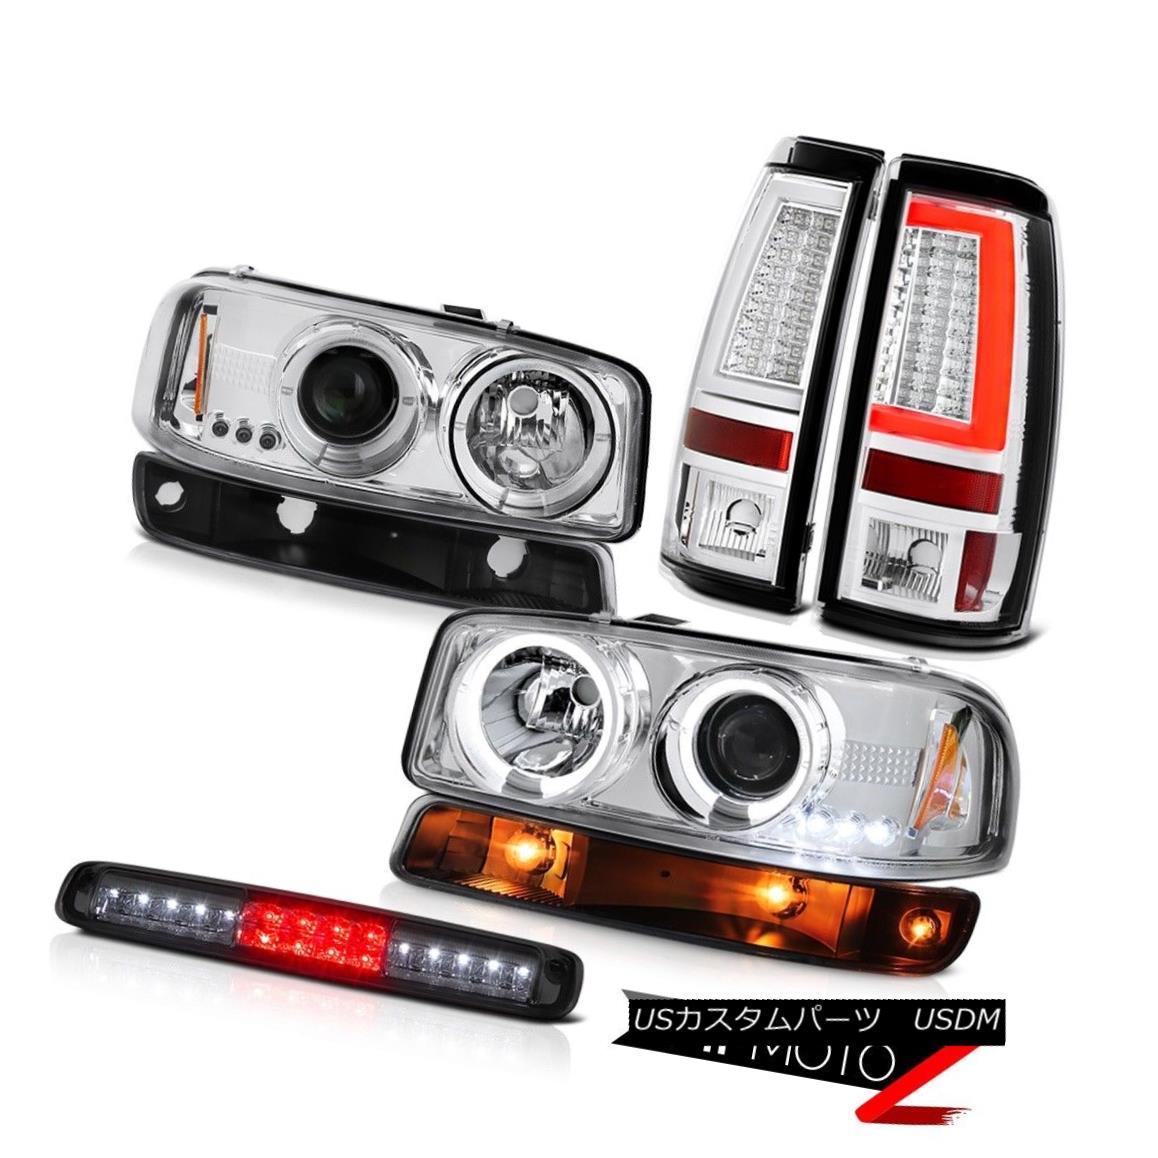 テールライト 99-06 GMC Sierra Tail Lights Smokey 3RD Brake Lamp Signal Headlamps Light Bar 99-06 GMC Sierraテールライトスモーキー3RDブレーキランプ信号ヘッドランプライトバー